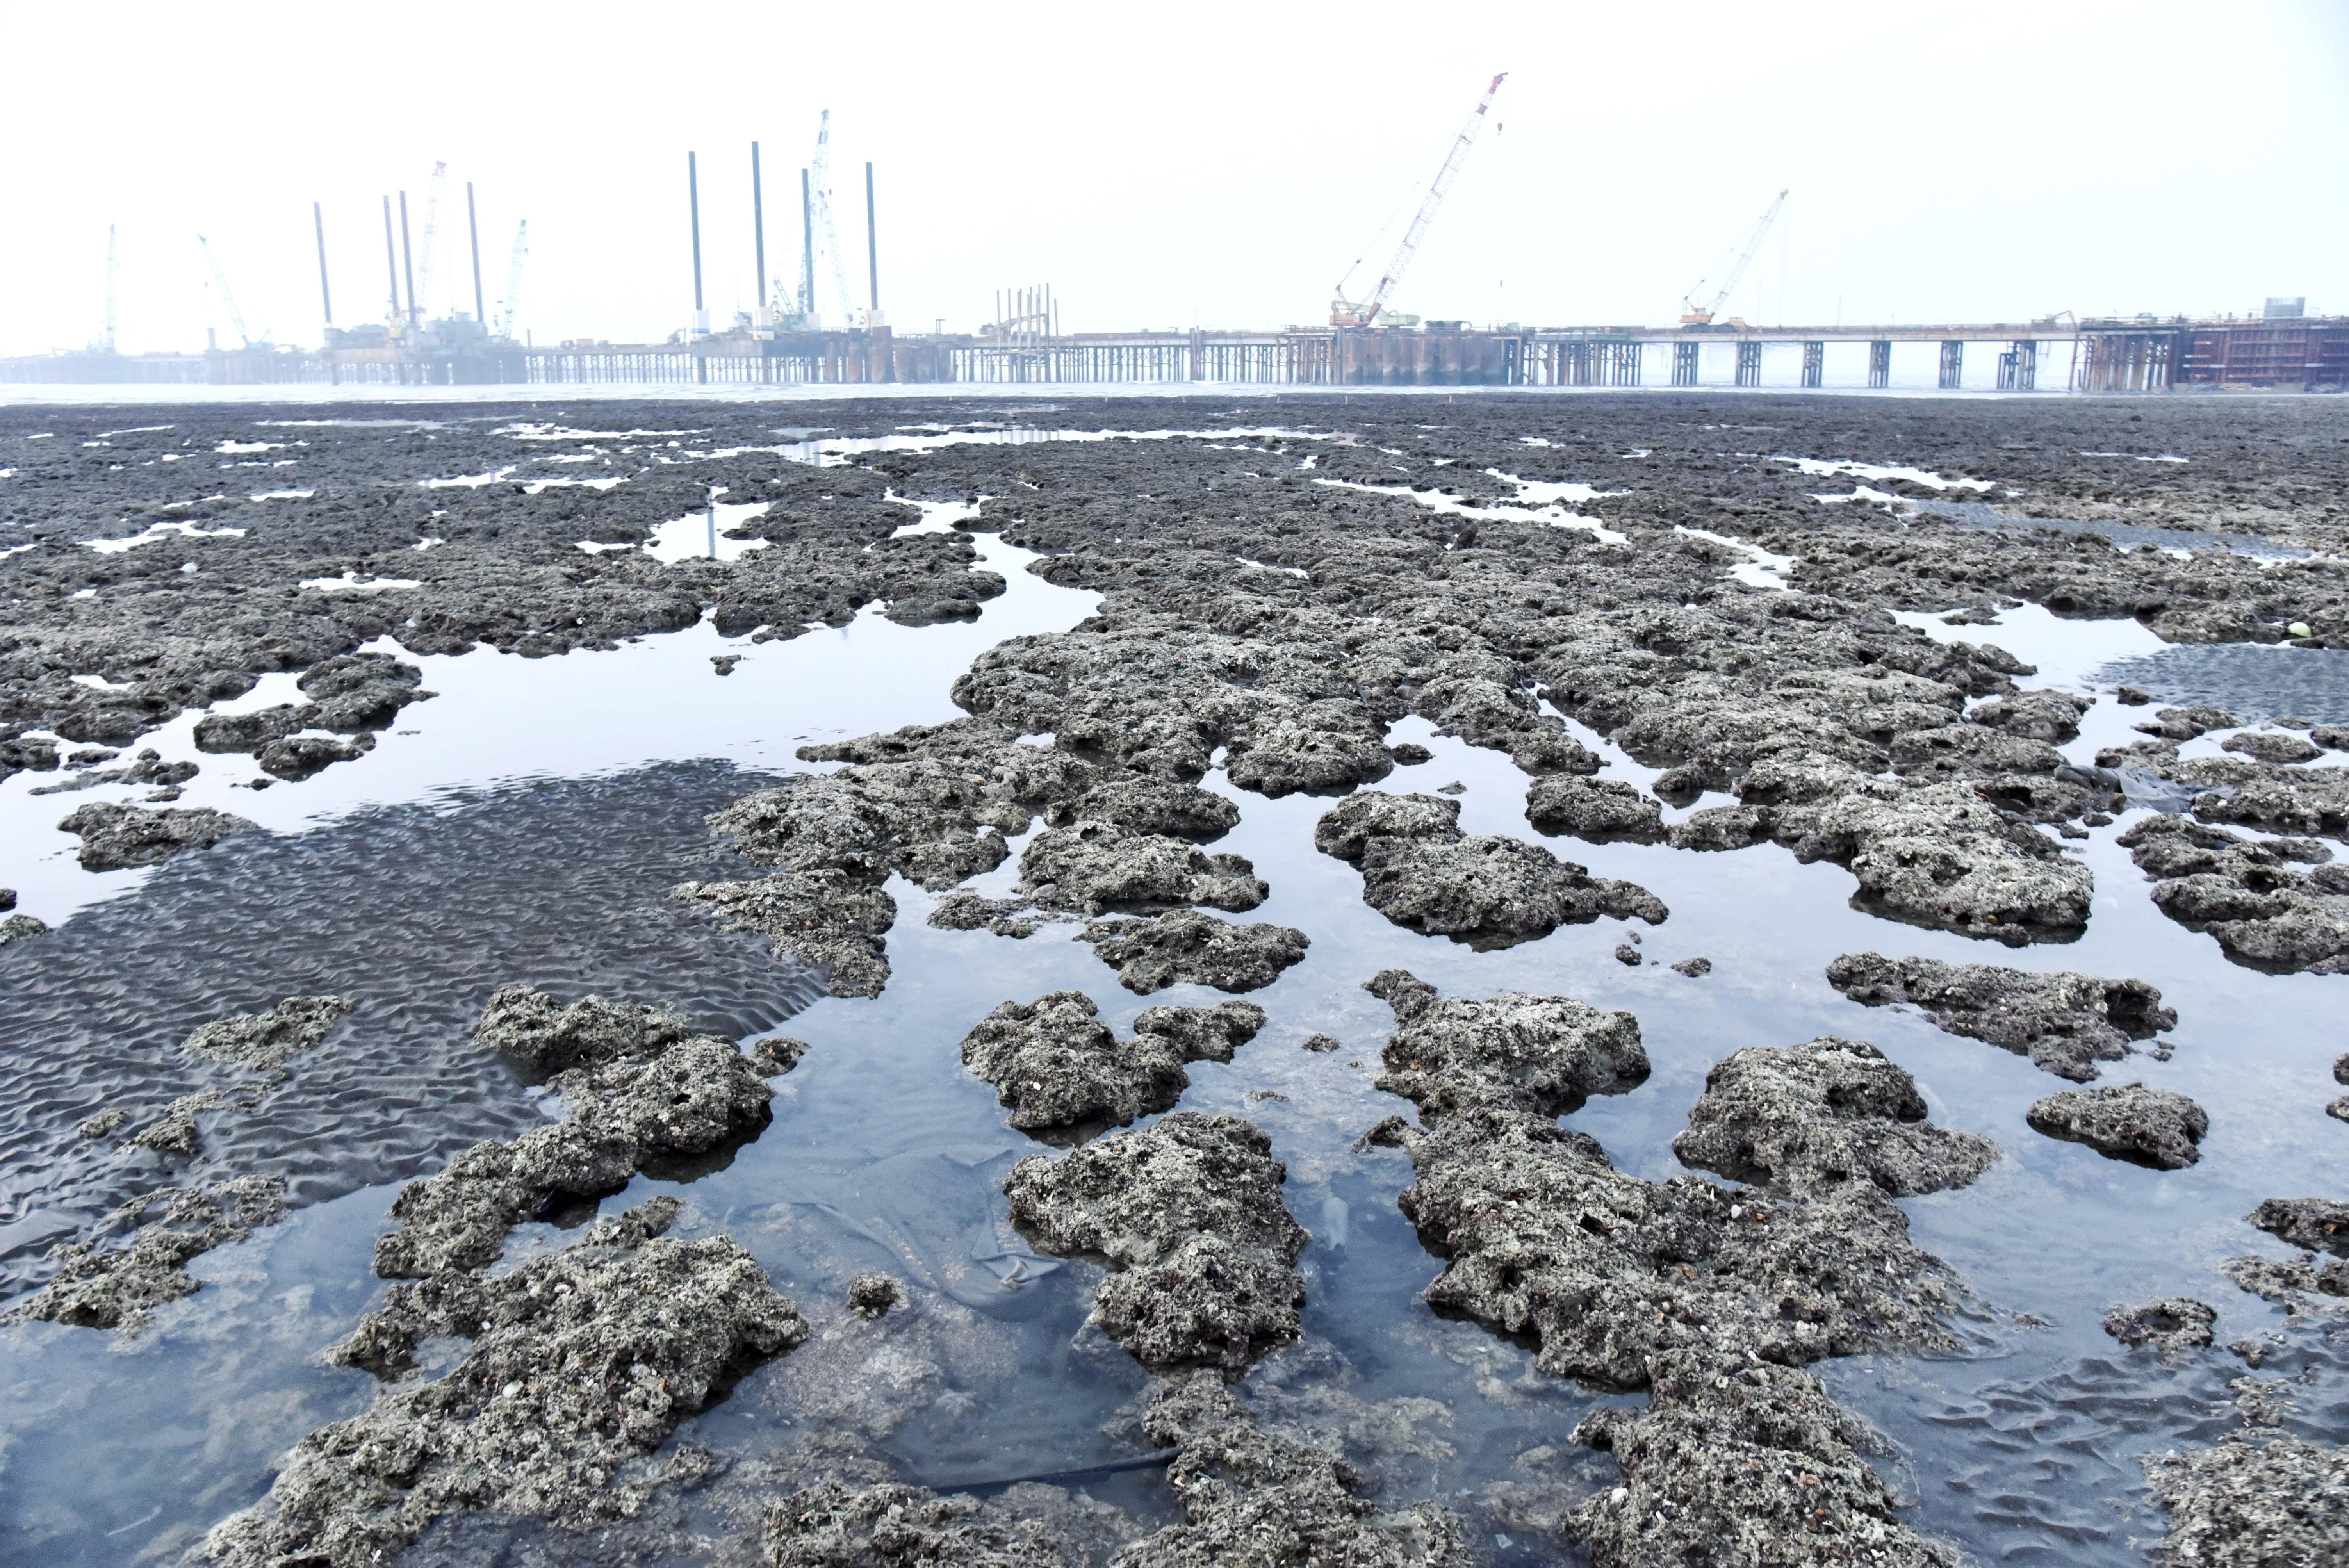 藻礁,三接,保育,中油,經濟部,大潭,生態,無核家園,核電,深澳,空汙,綠能,光電,台北港,國民黨,2022,公投,觀塘工業區